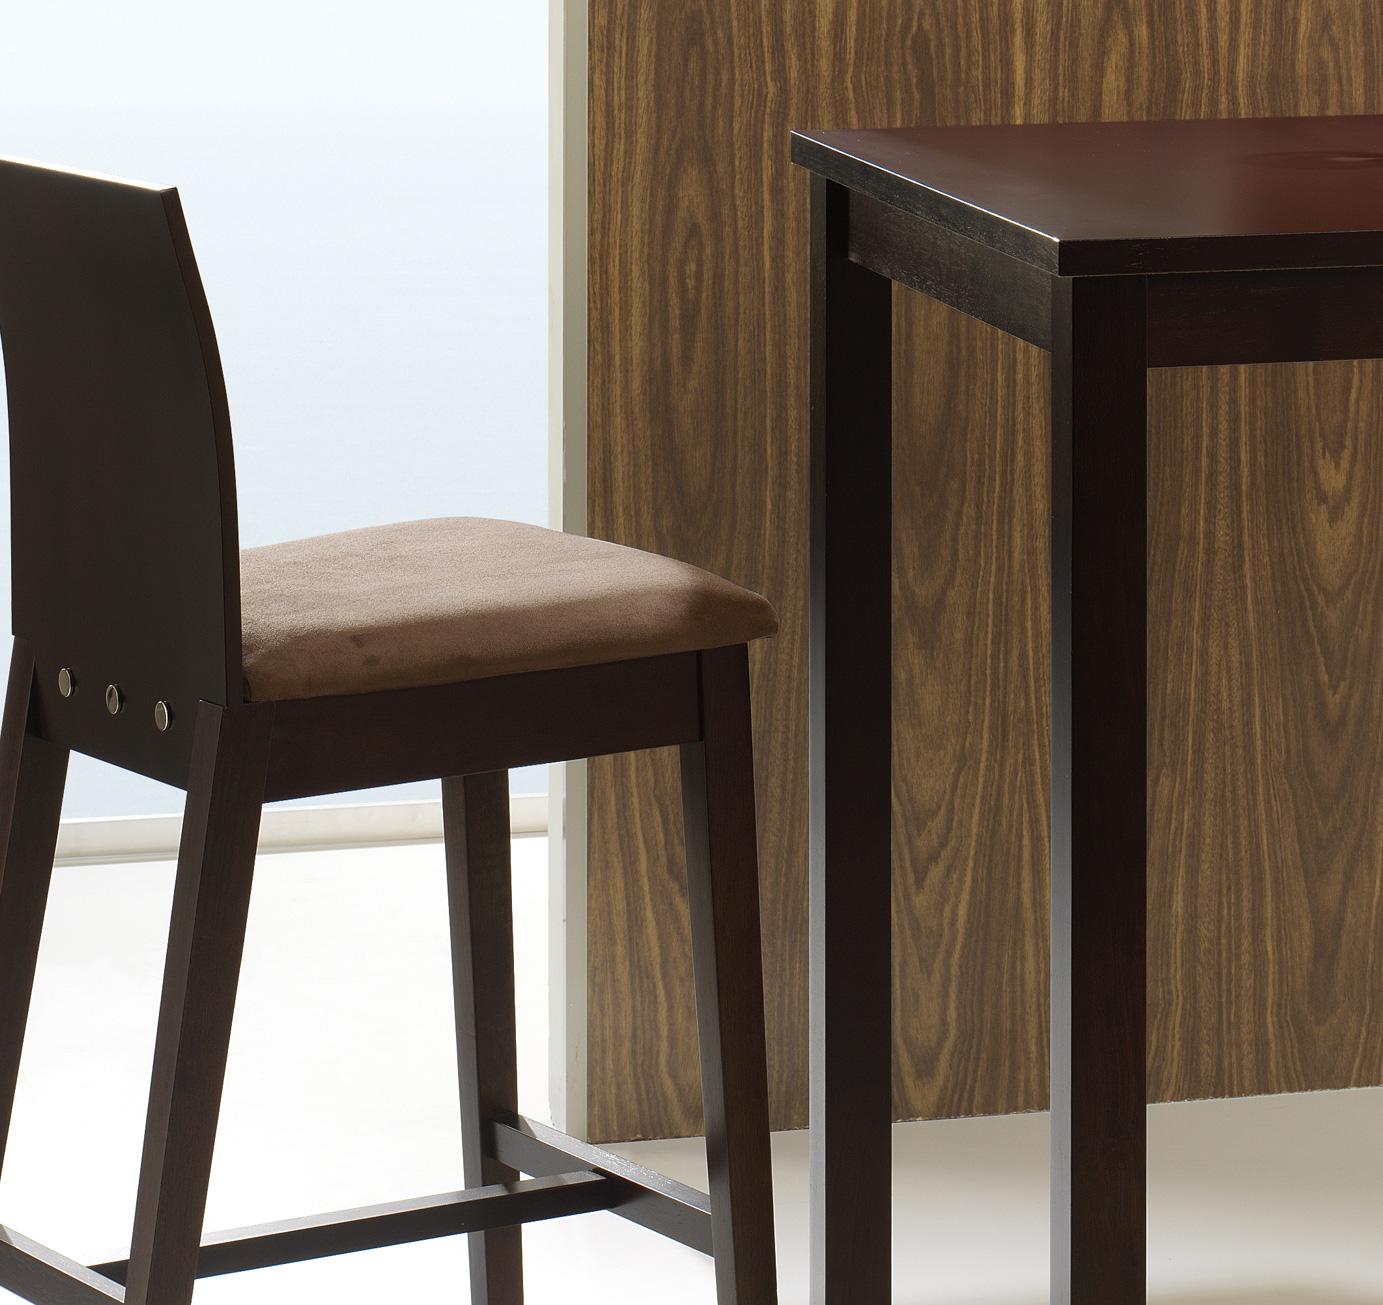 Mesa alta y taburetes con respaldo cocina y office mesas - Mesas cocina altas ...